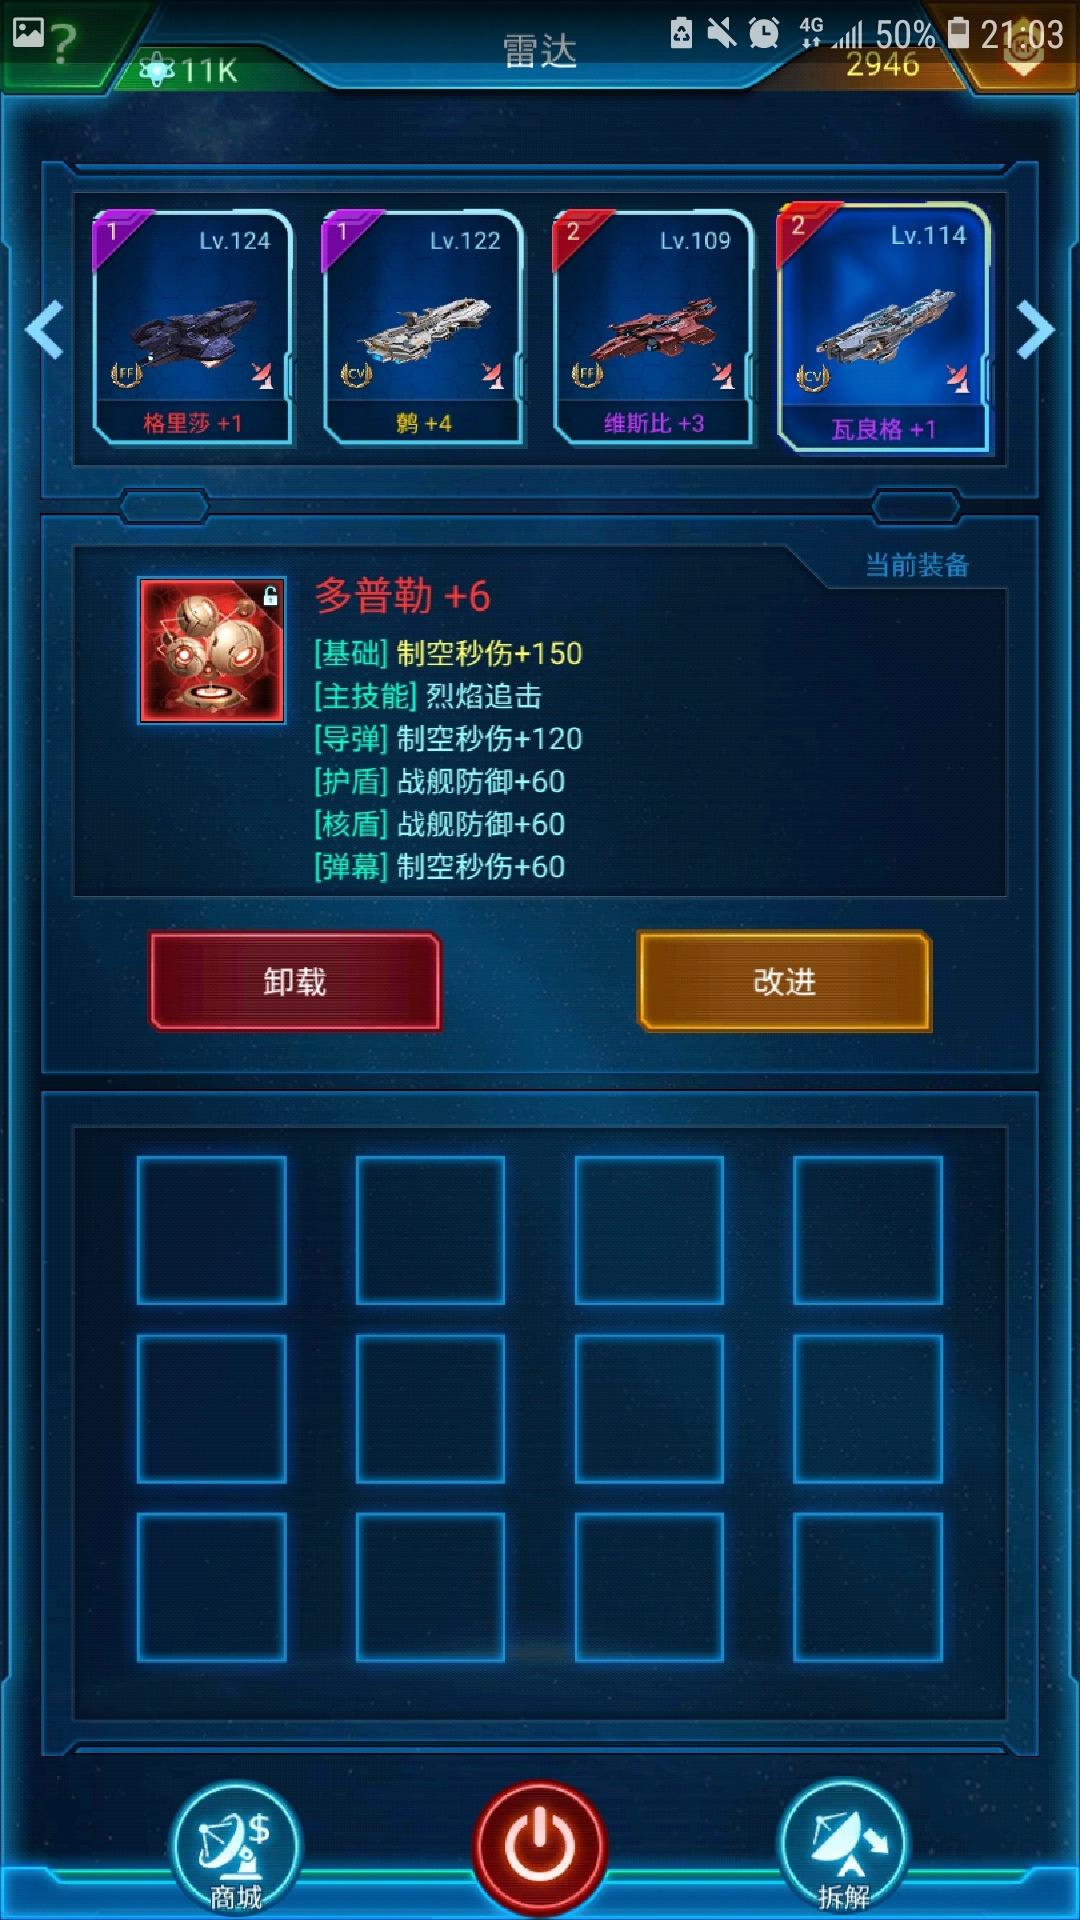 Screenshot_20190317-210302.jpg